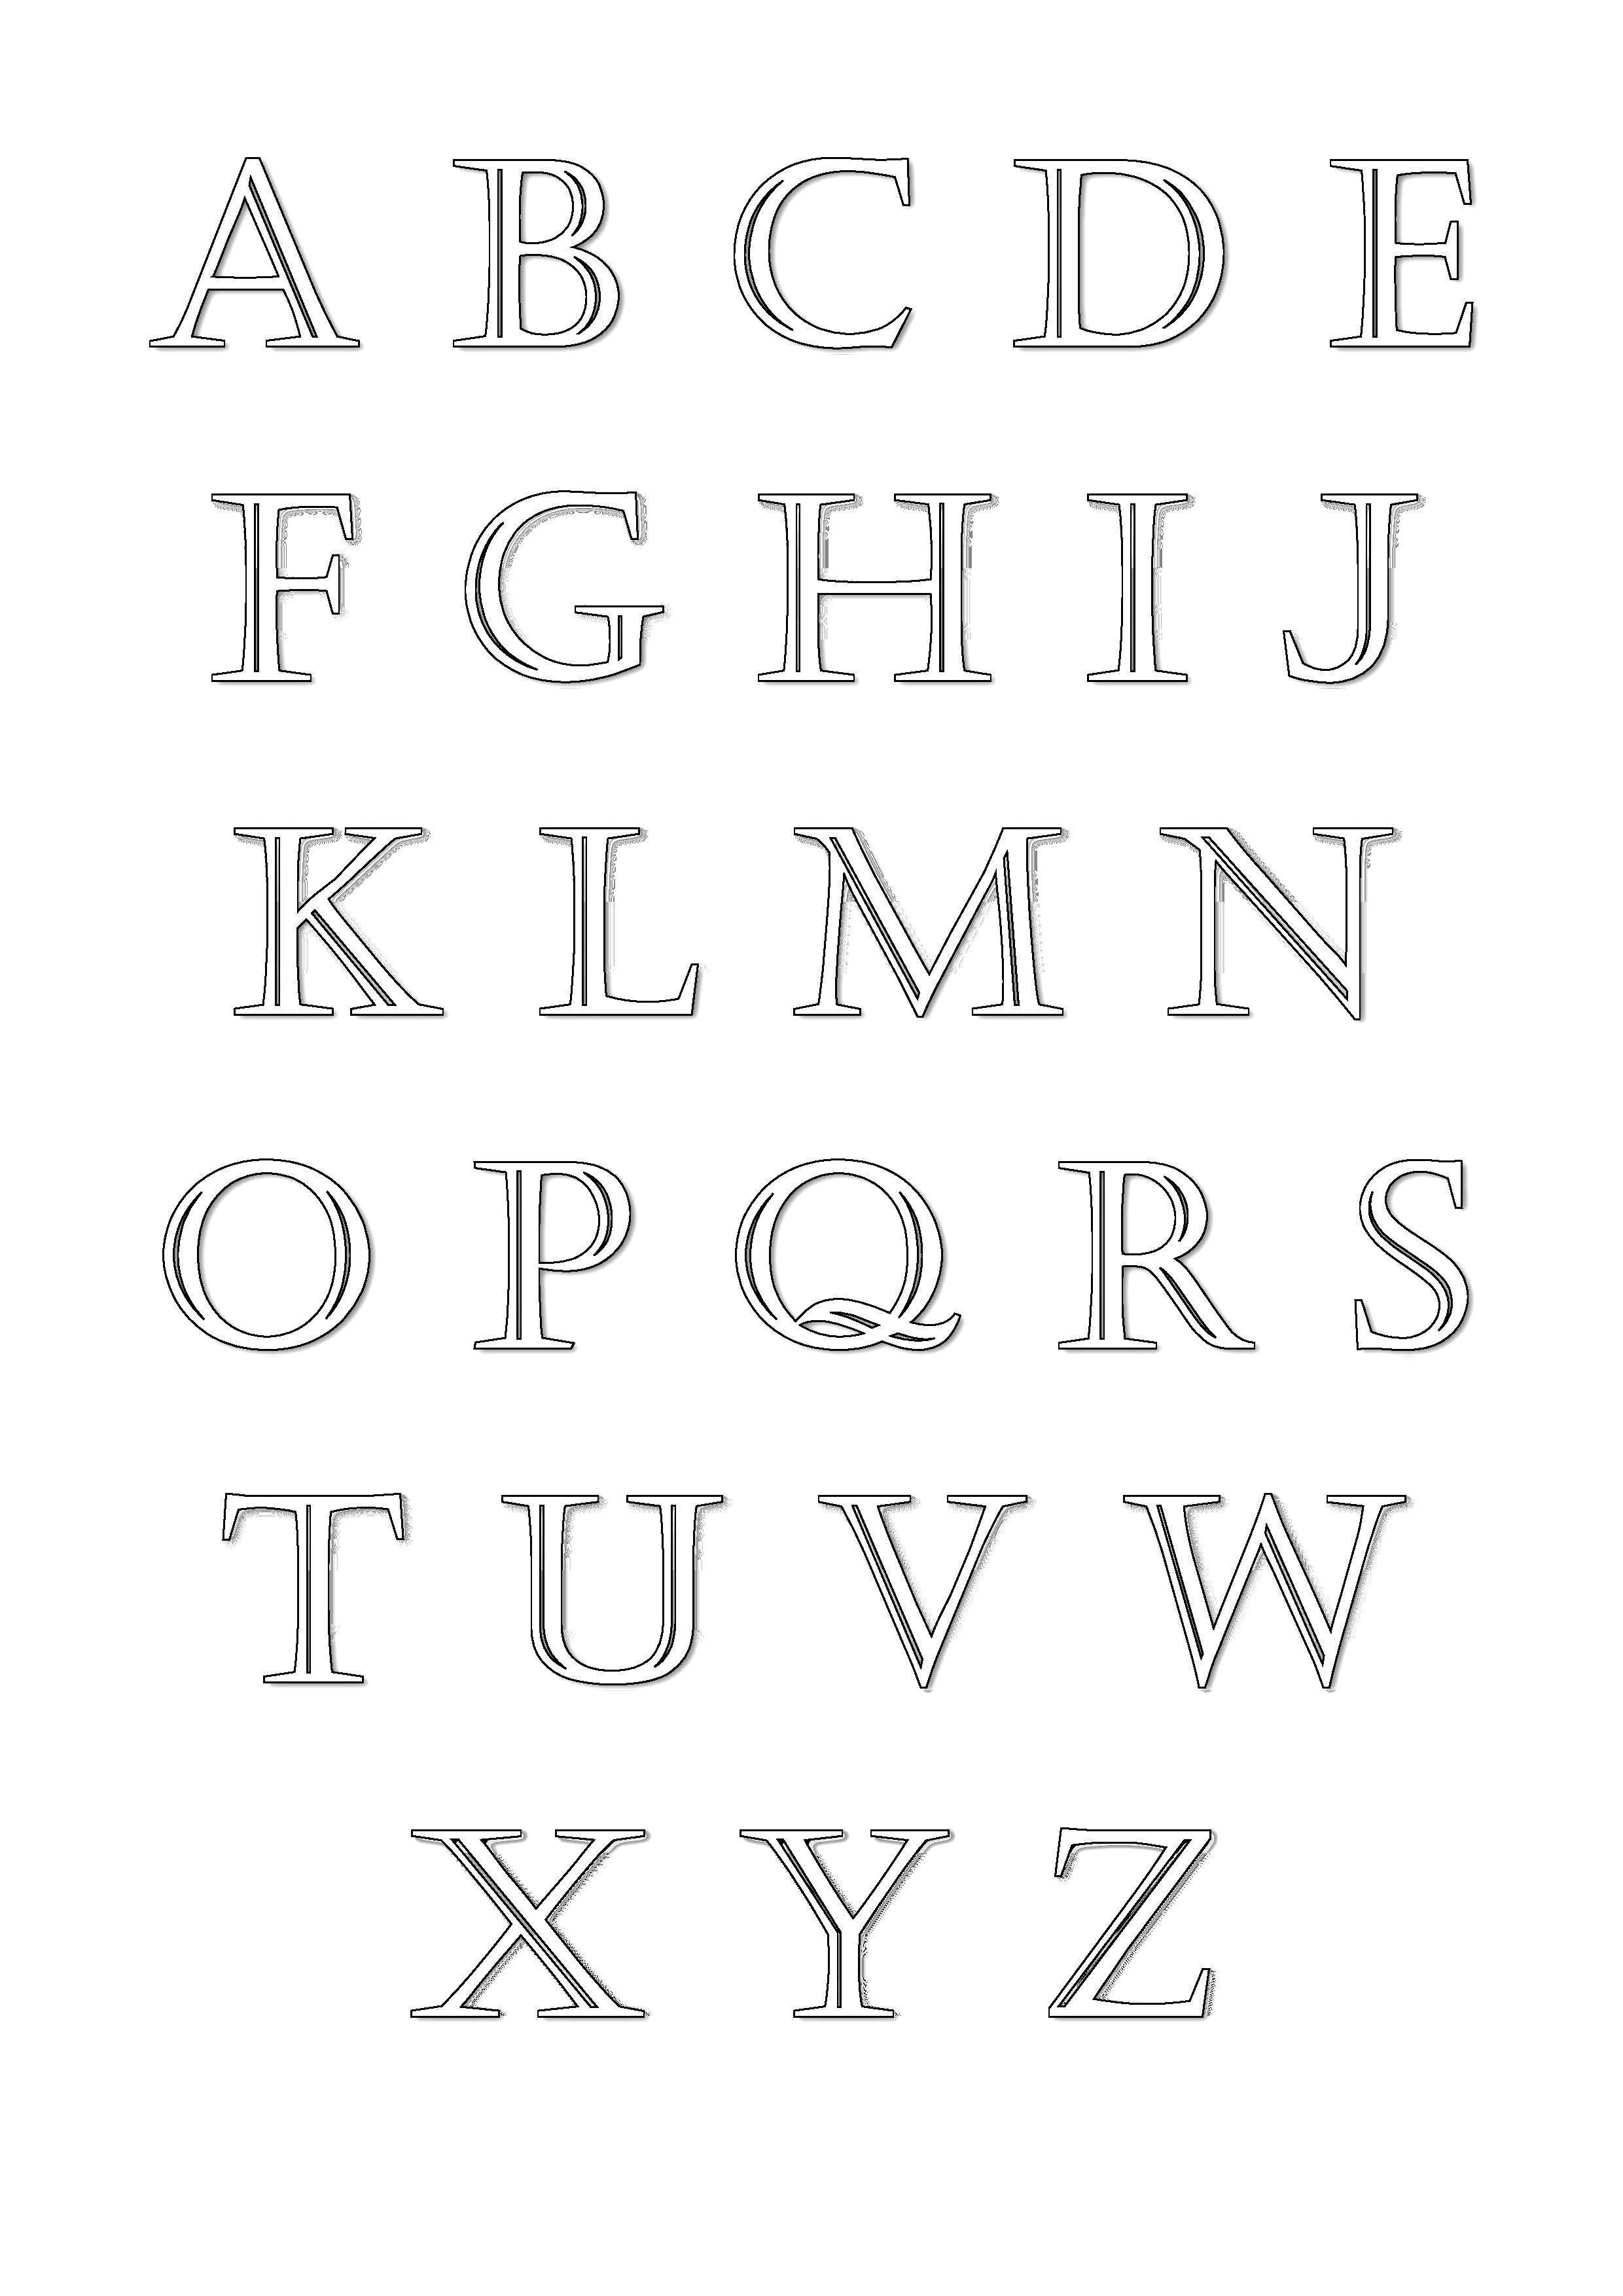 Alphabet a imprimer coloriages alphabet et lettres - Grande lettre alphabet a imprimer ...